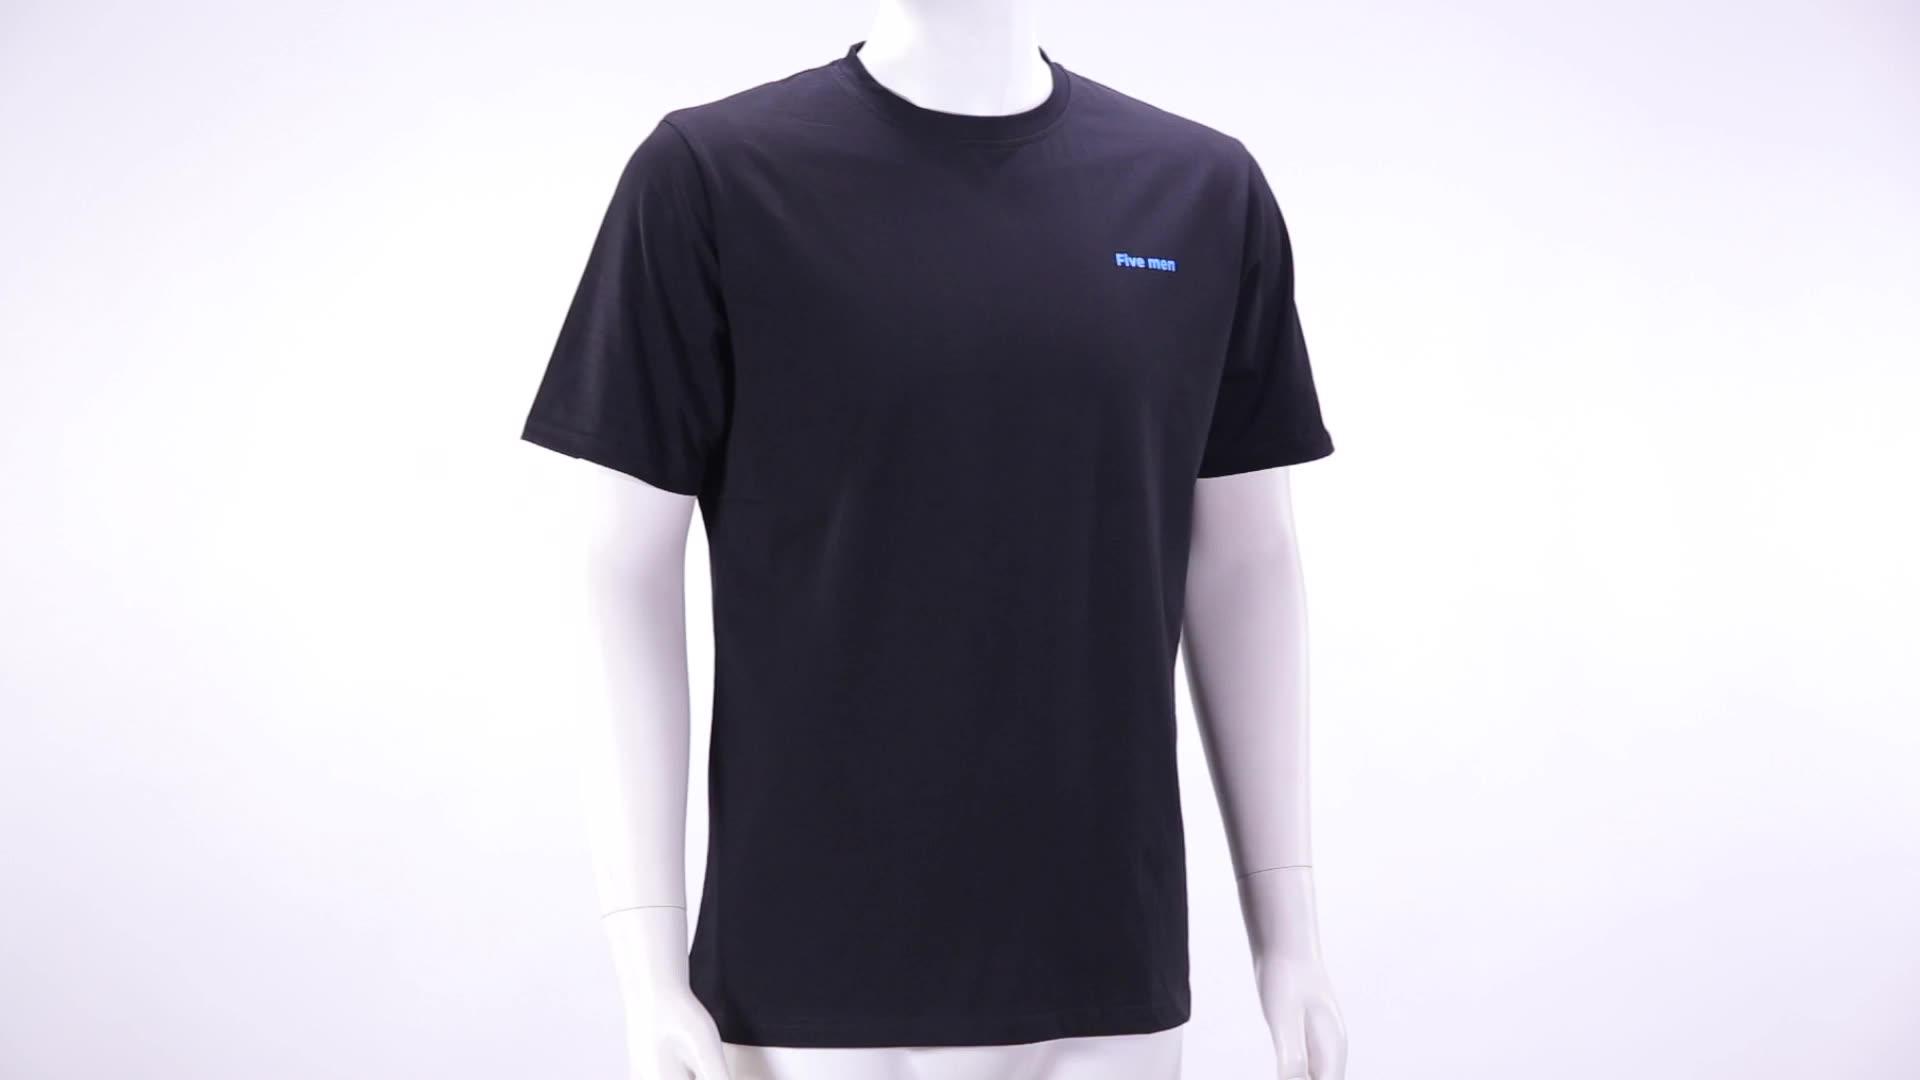 Prezzo a buon mercato $1.3 LOGO Personalizzato Stampa Plain White T shirt per Gli Uomini/Wemen